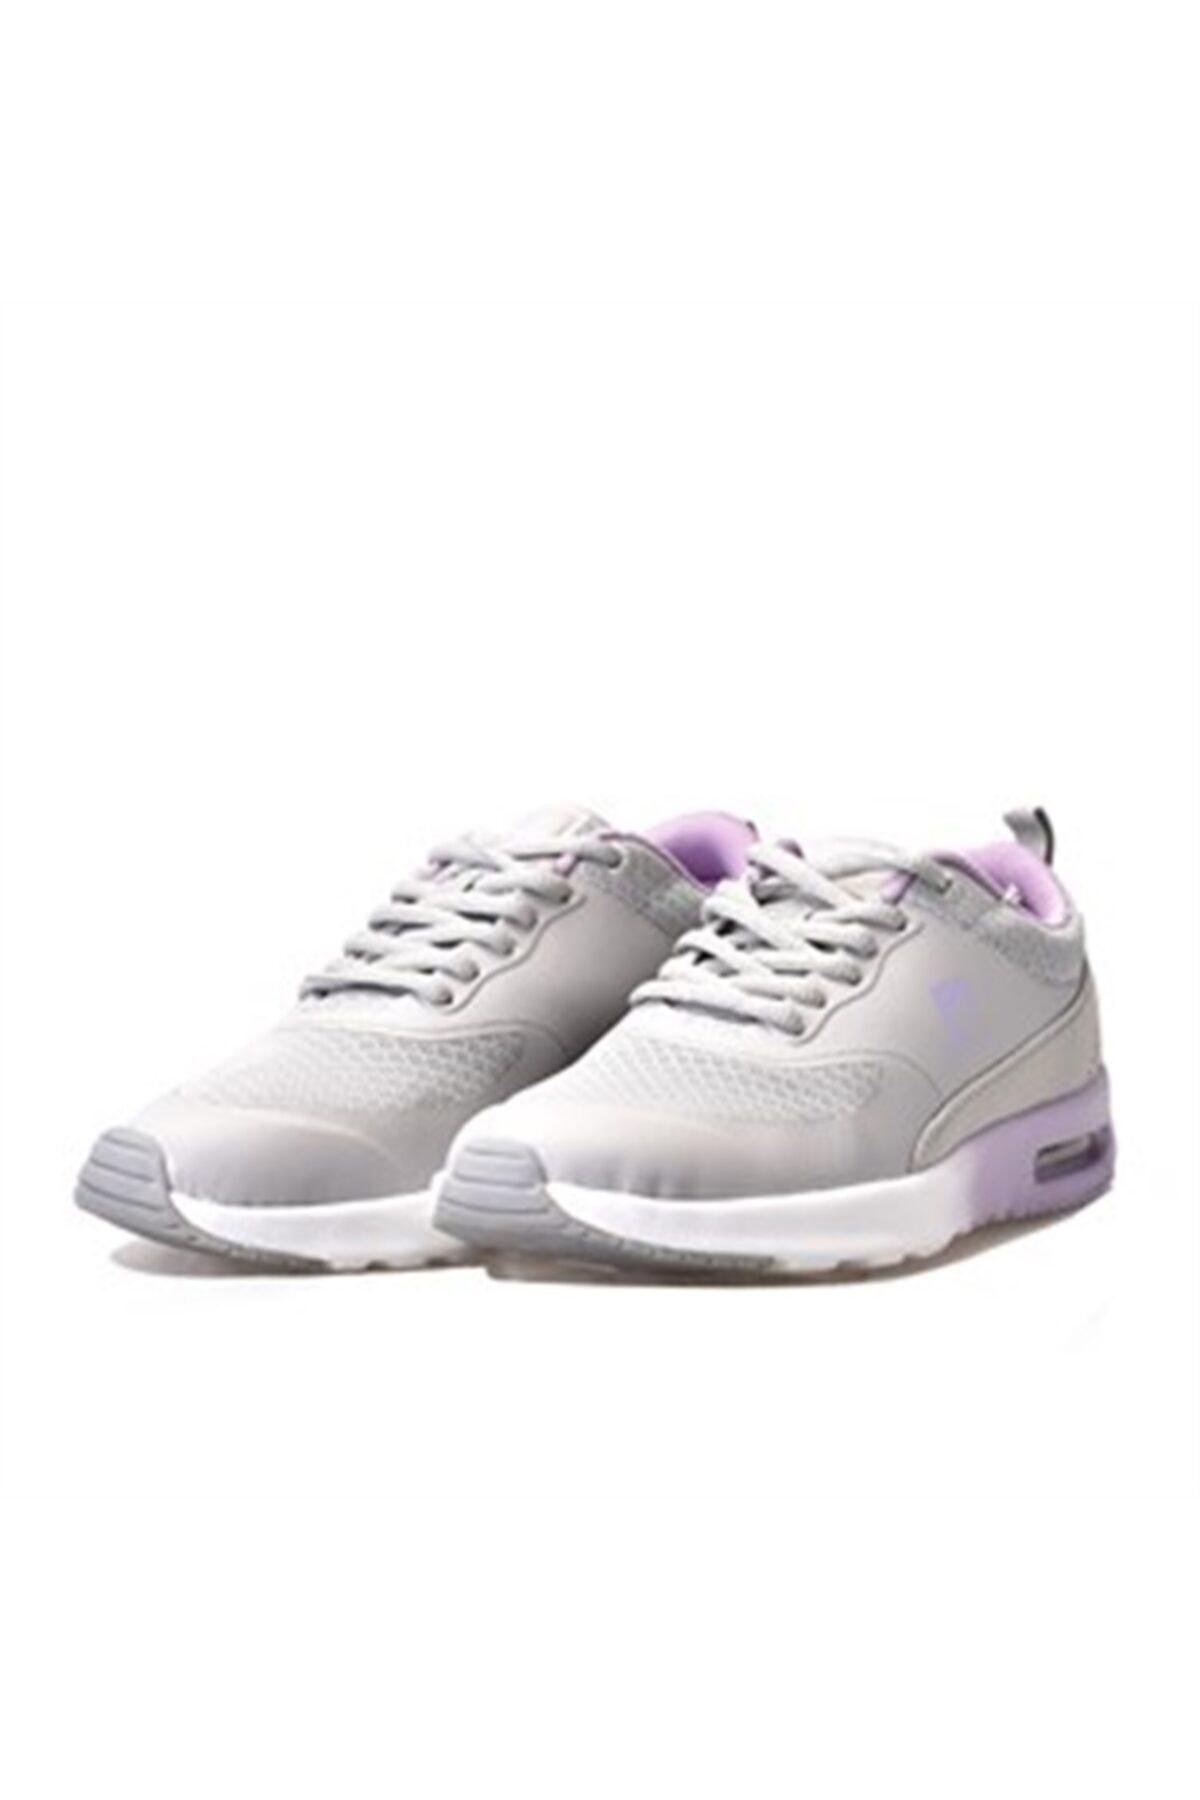 Pierre Cardin Kadın Gri Günlük Spor Ayakkabı 81778- 2